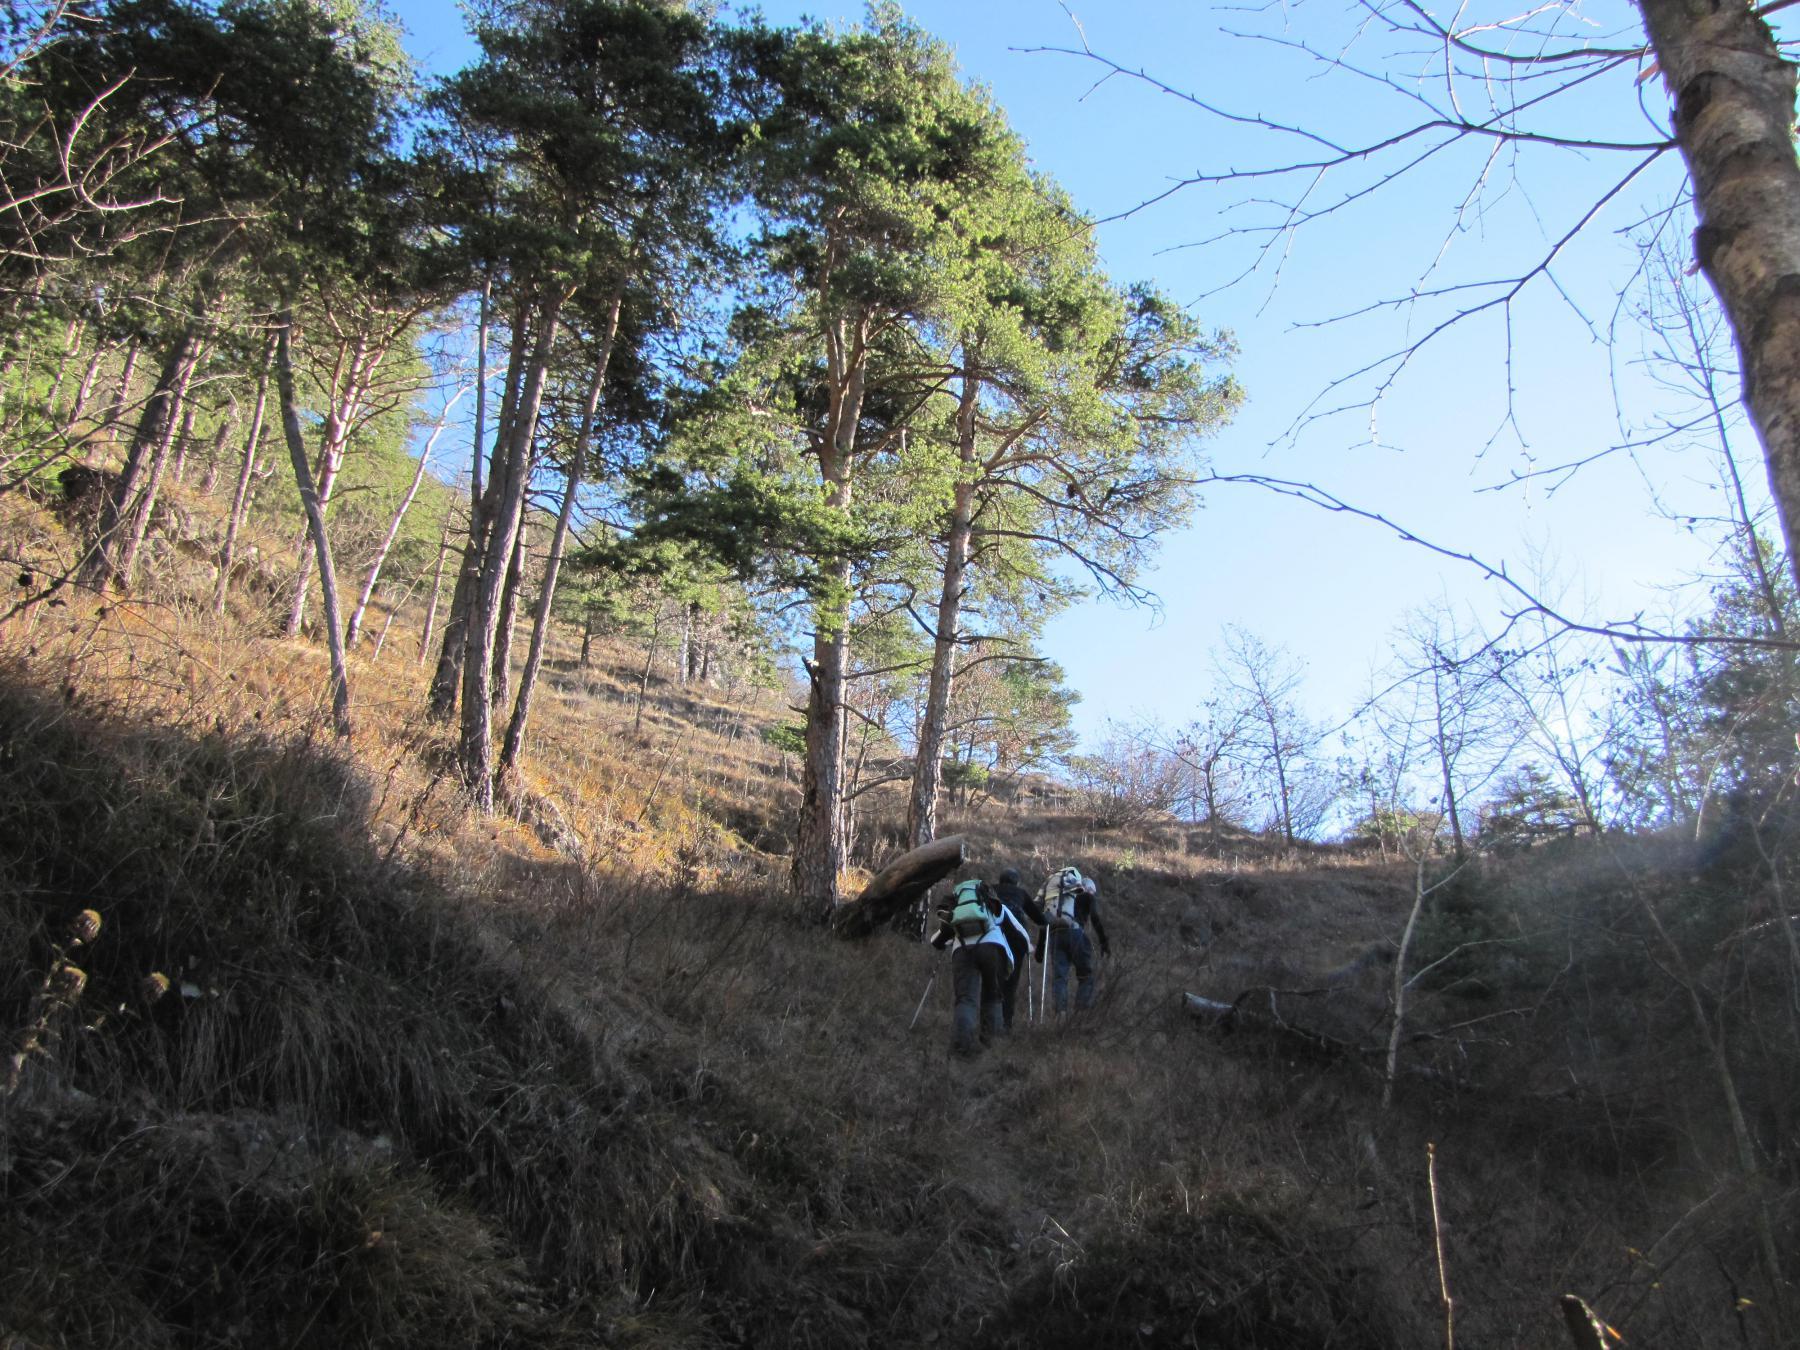 il vecchio sentiero, ben tracciato e utilizzato per secoli, non può essere più percorso, e la nuova traccia si impenna faticosa